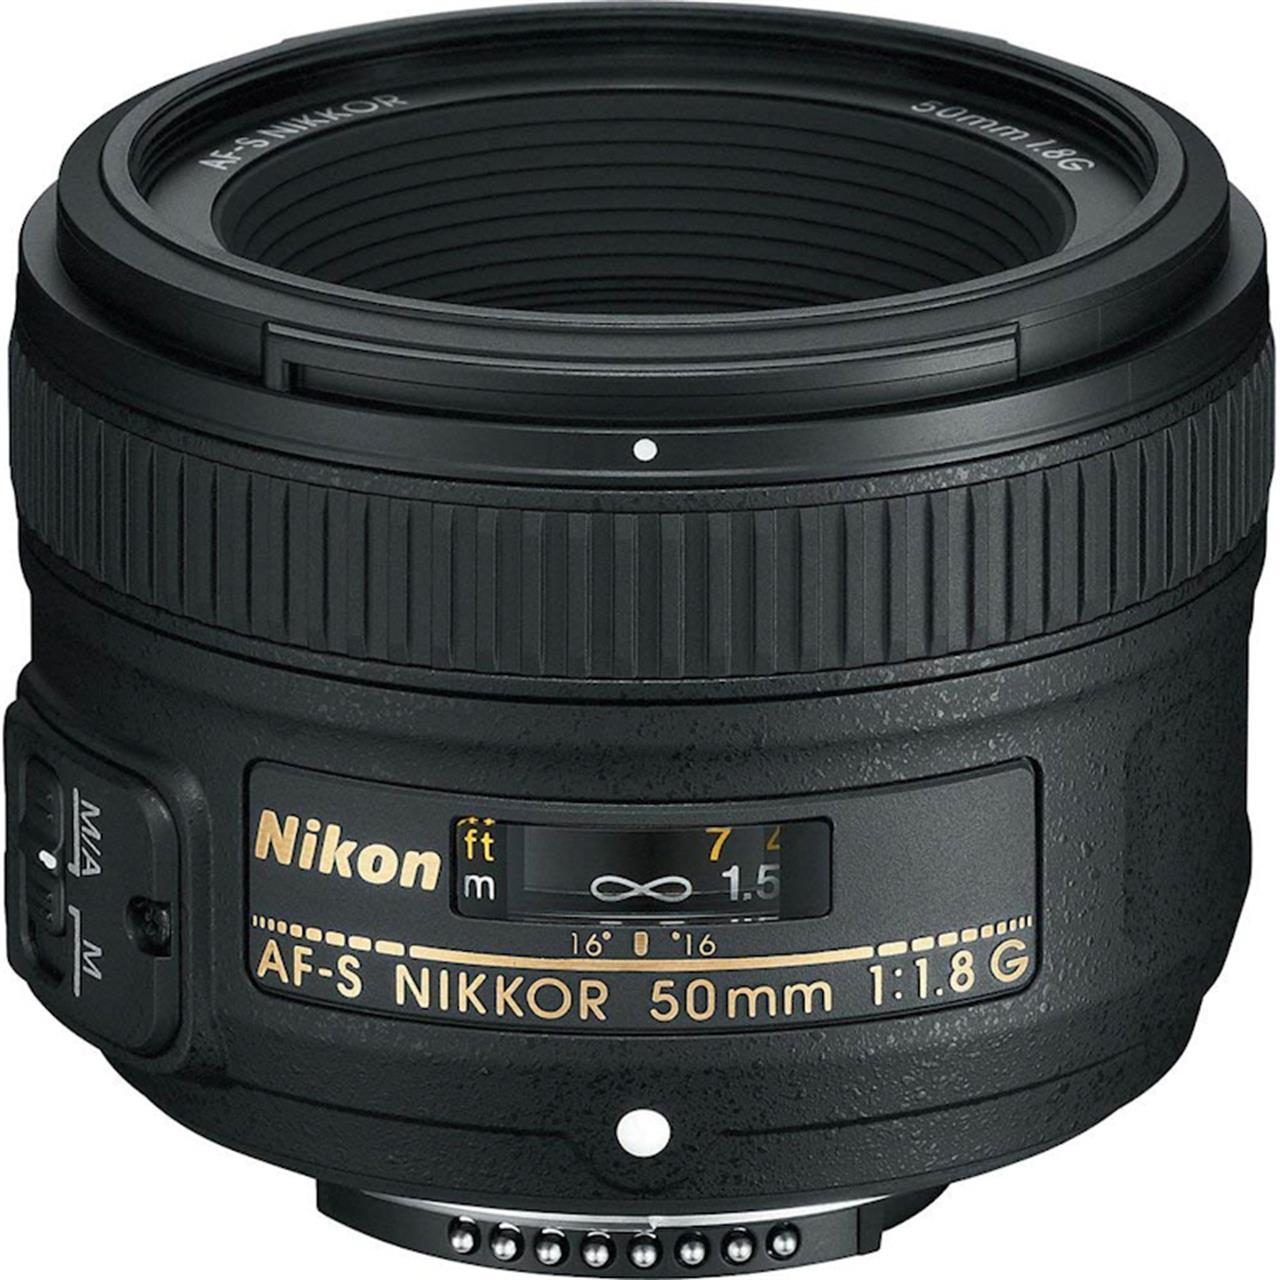 0018208021994__nikon_af-s_nikkor_50mm_f1_8g_hofma.jpg